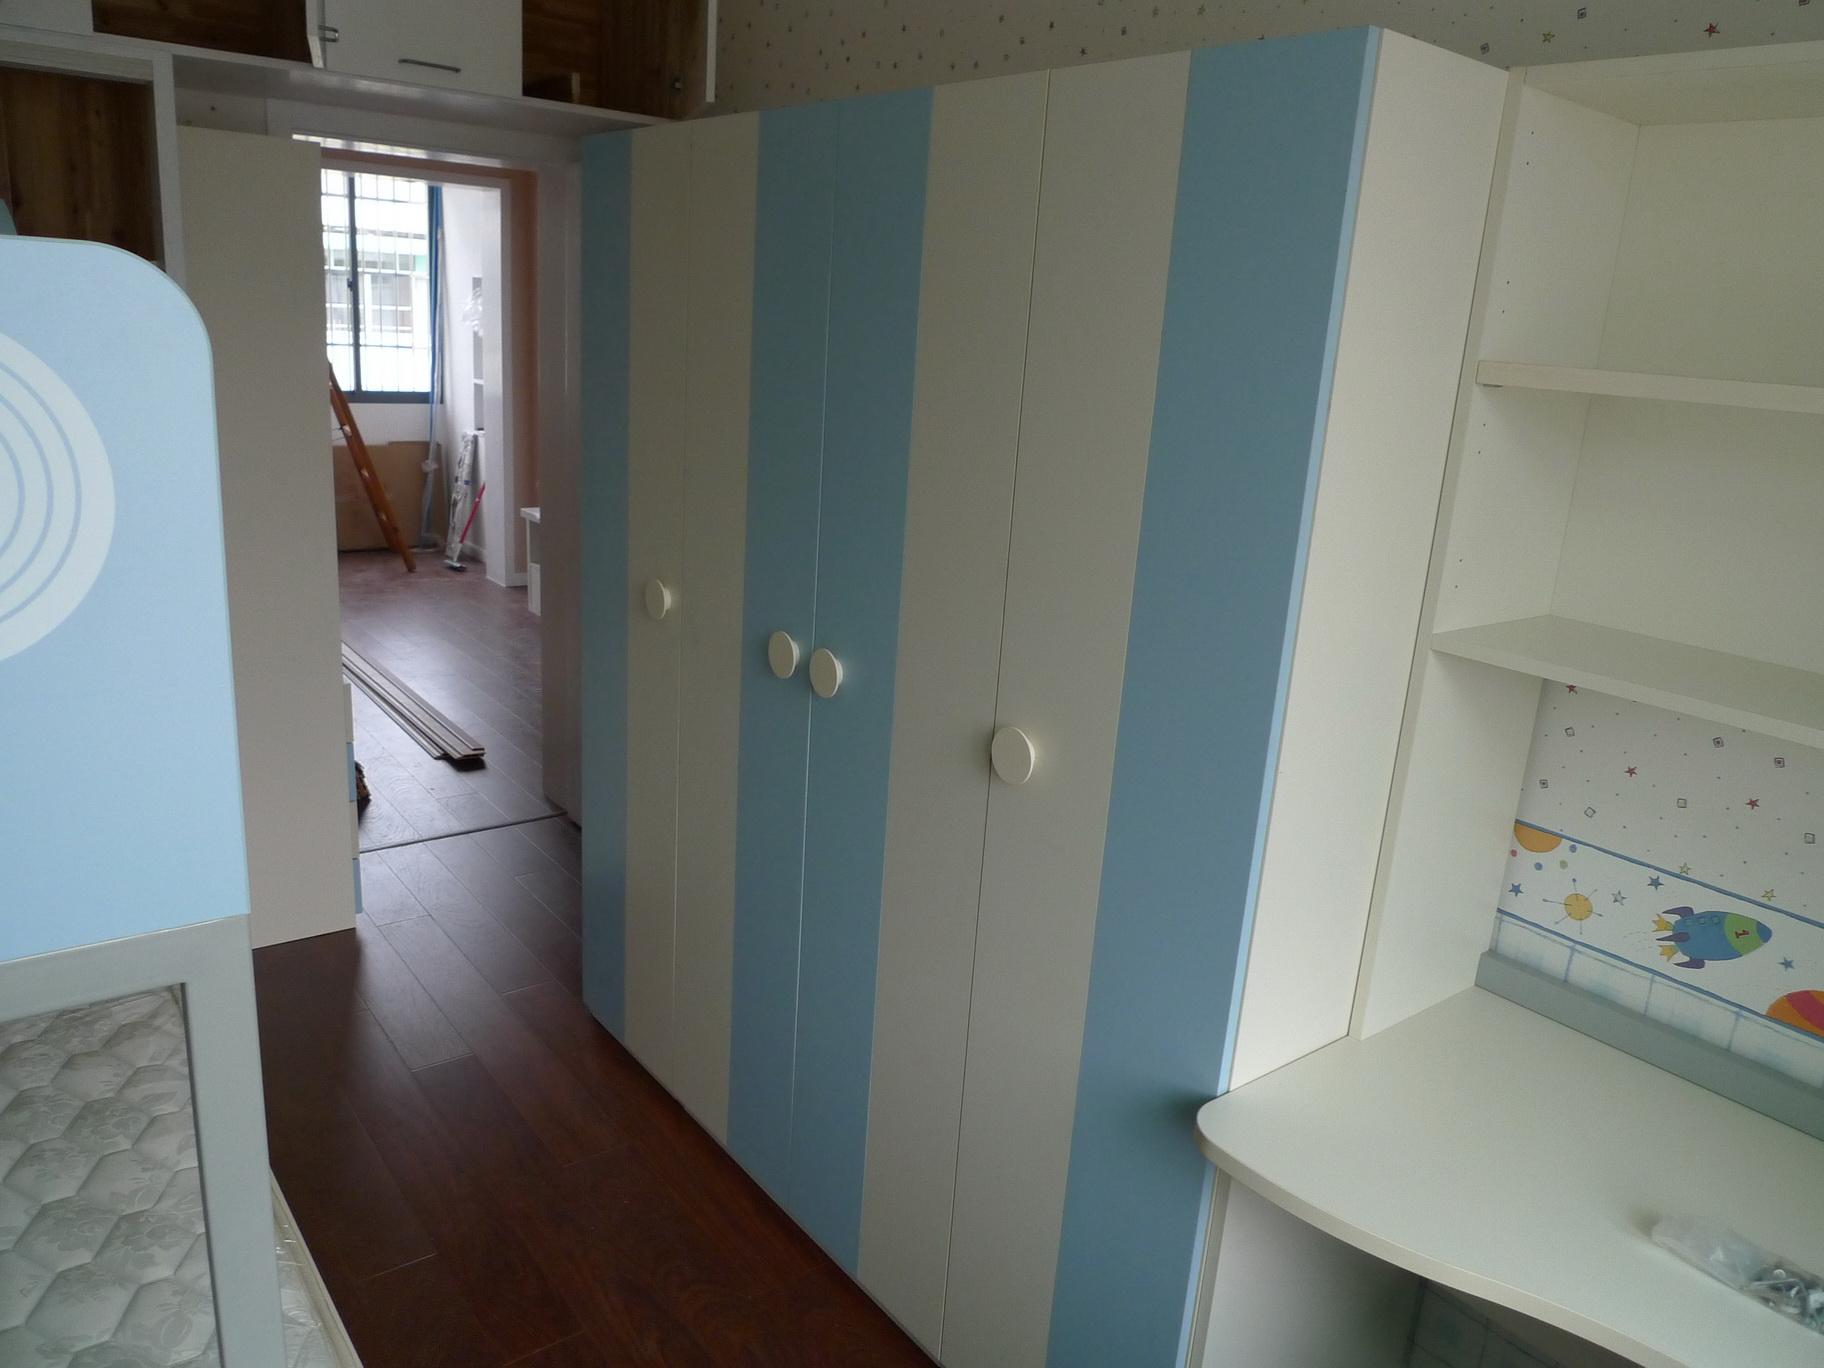 卧室装修的面积有大有小,很多人在还没有进行卧室装修的时候就开始选购家具了,如果家具买太大或太小的话,对于卧室设计效果都是会有影响的哦!今天,小编为大家分享2015卧室装修施工标准尺寸大全,一起来看看吧! 【面积:12平方米以上~30